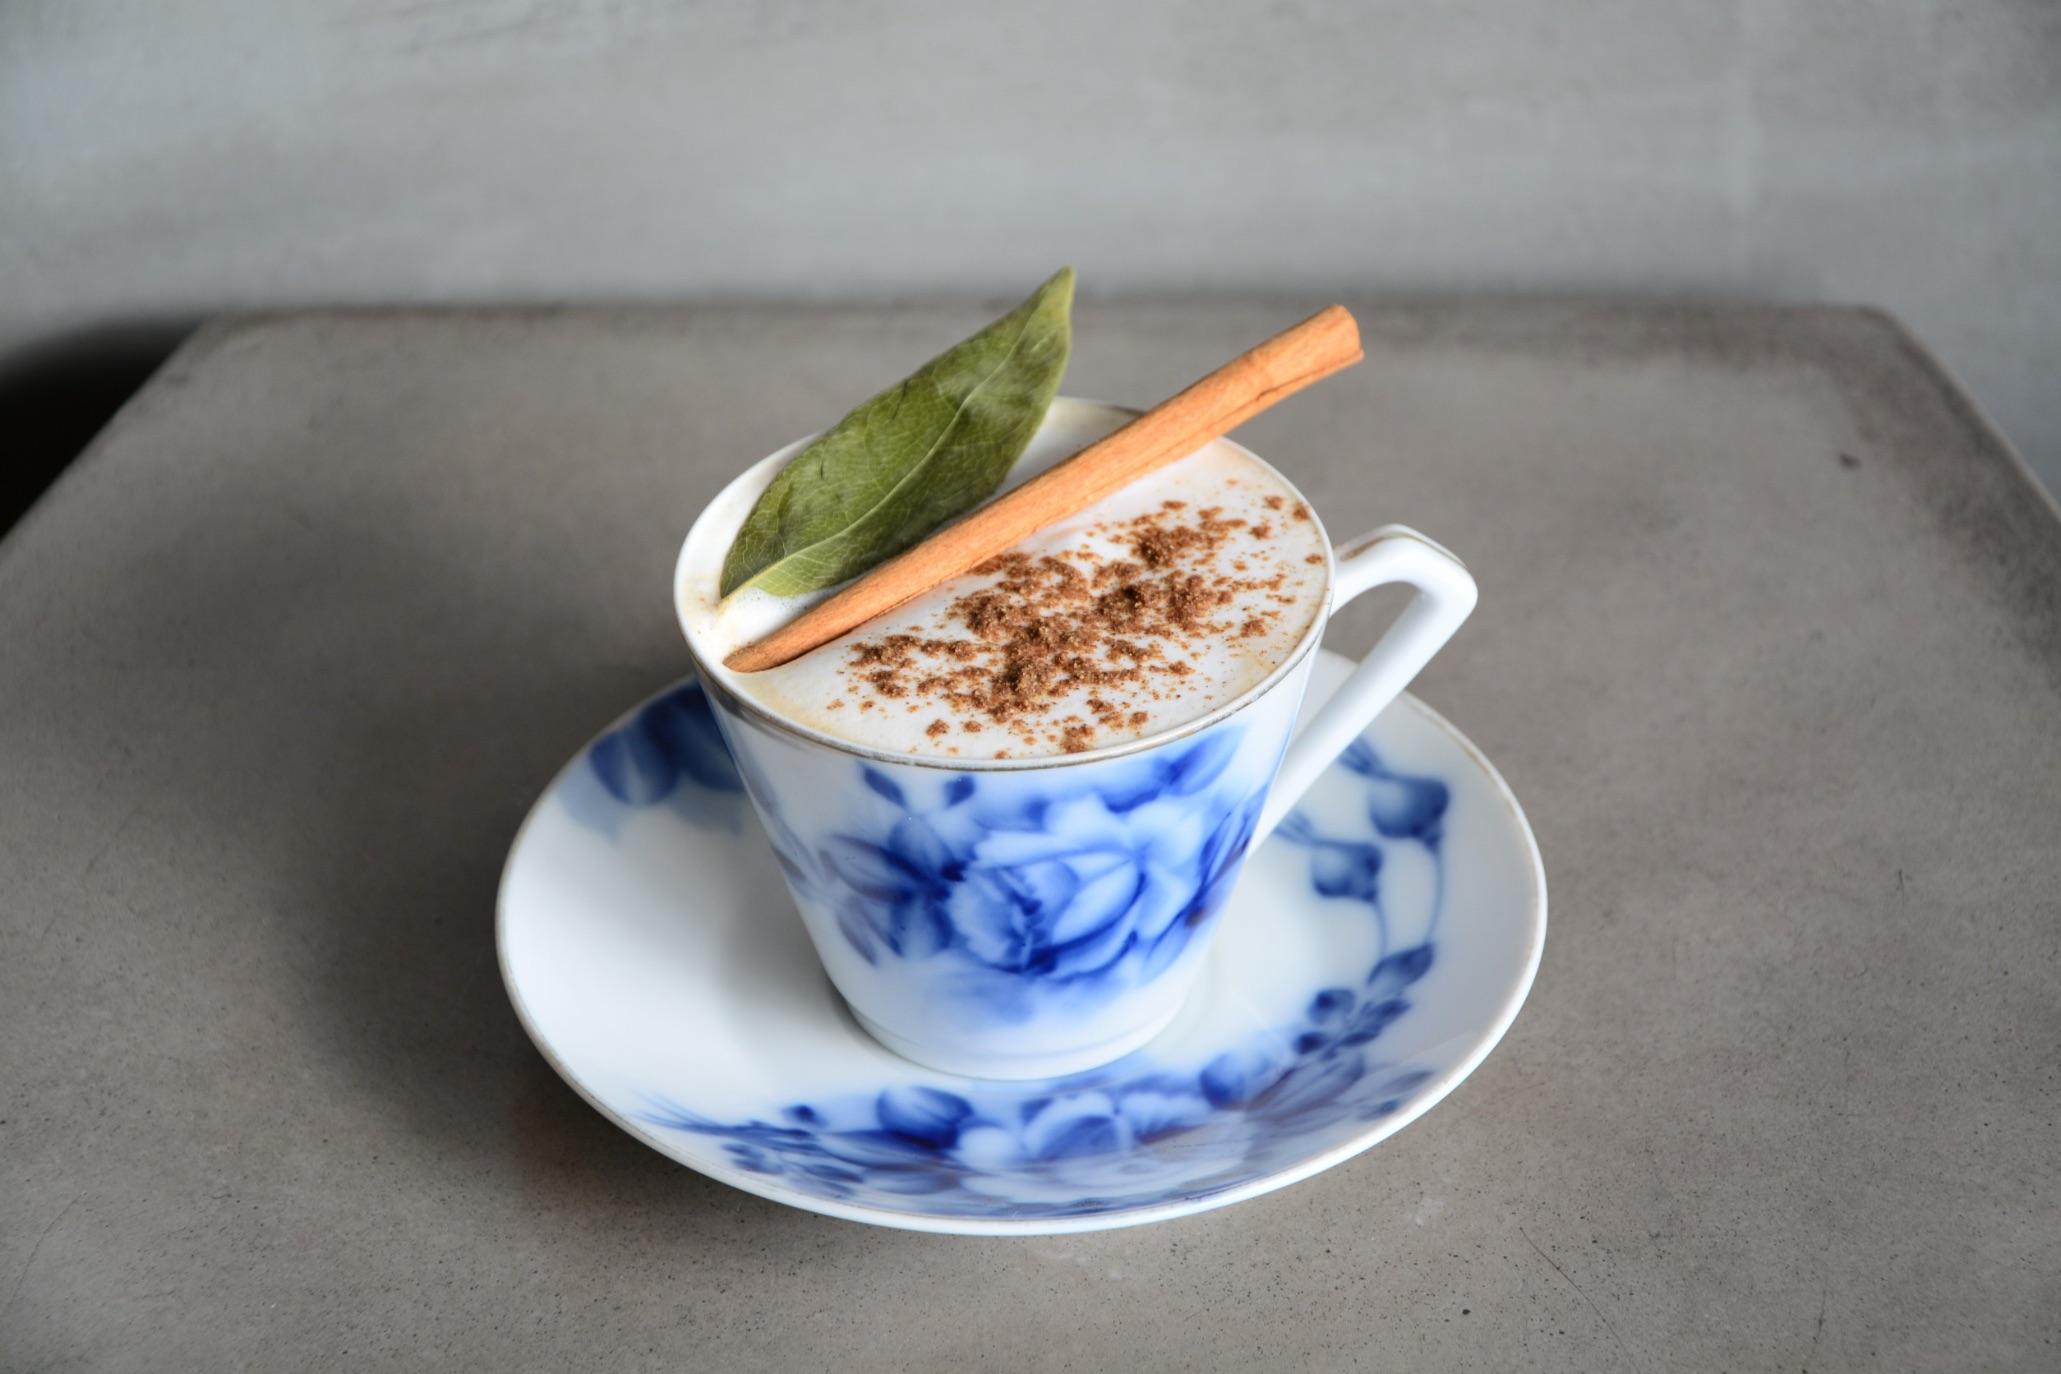 %e9%81%93%e5%be%8c%e7%99%bd%e9%b7%ba%e7%8f%88%e7%90%b2%e6%84%9b%e5%aa%9b-%e3%82%b9%e3%82%a4%e3%83%bc%e3%83%84-shirasagi-coffee-desserts-ehime-%e6%84%9b%e5%aa%9b%e7%8f%88%e7%90%b2%e7%94%98%e5%93%814-2